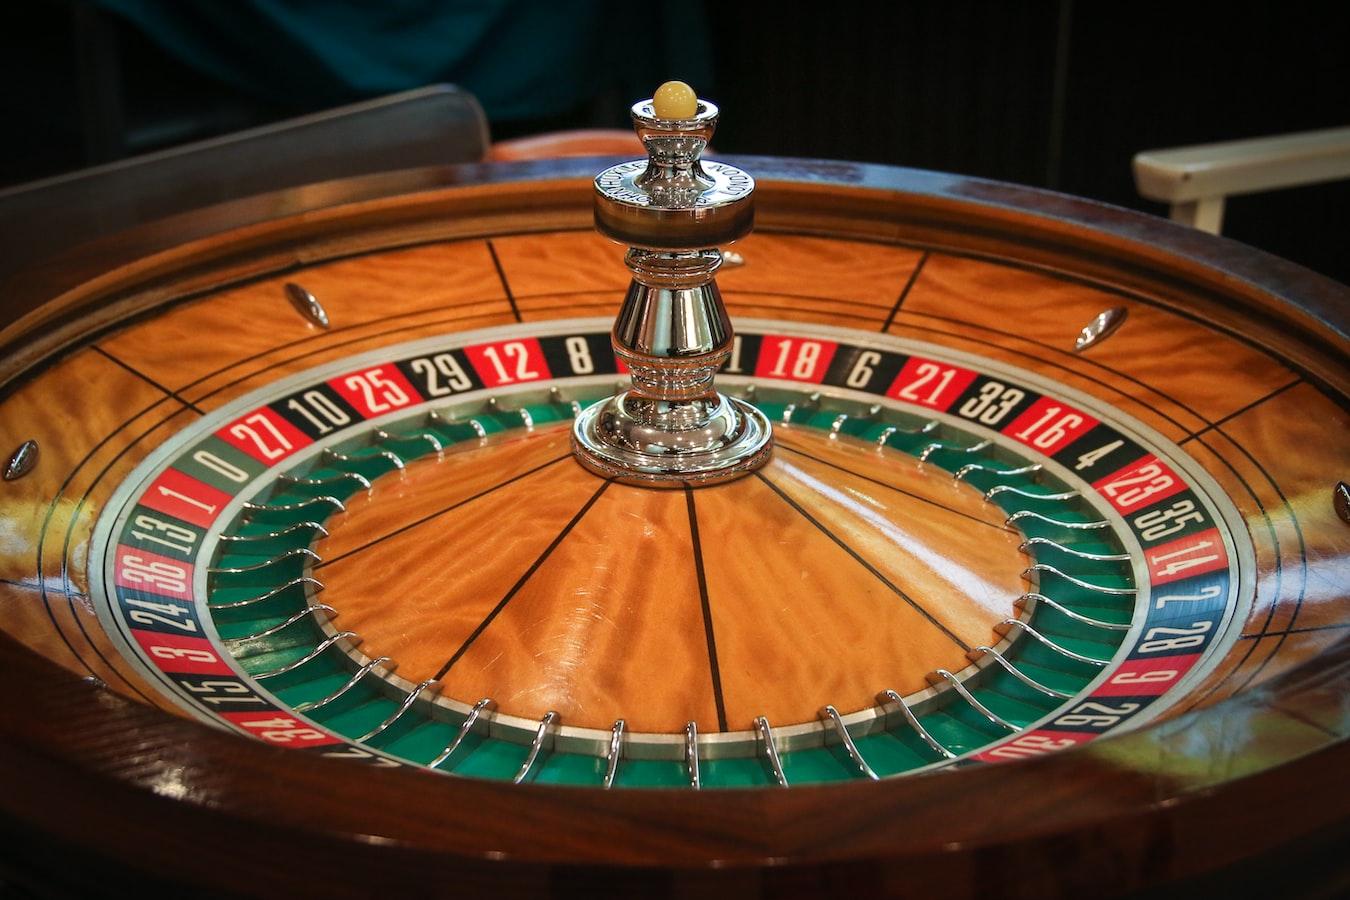 Een groot wodden roulettewiel